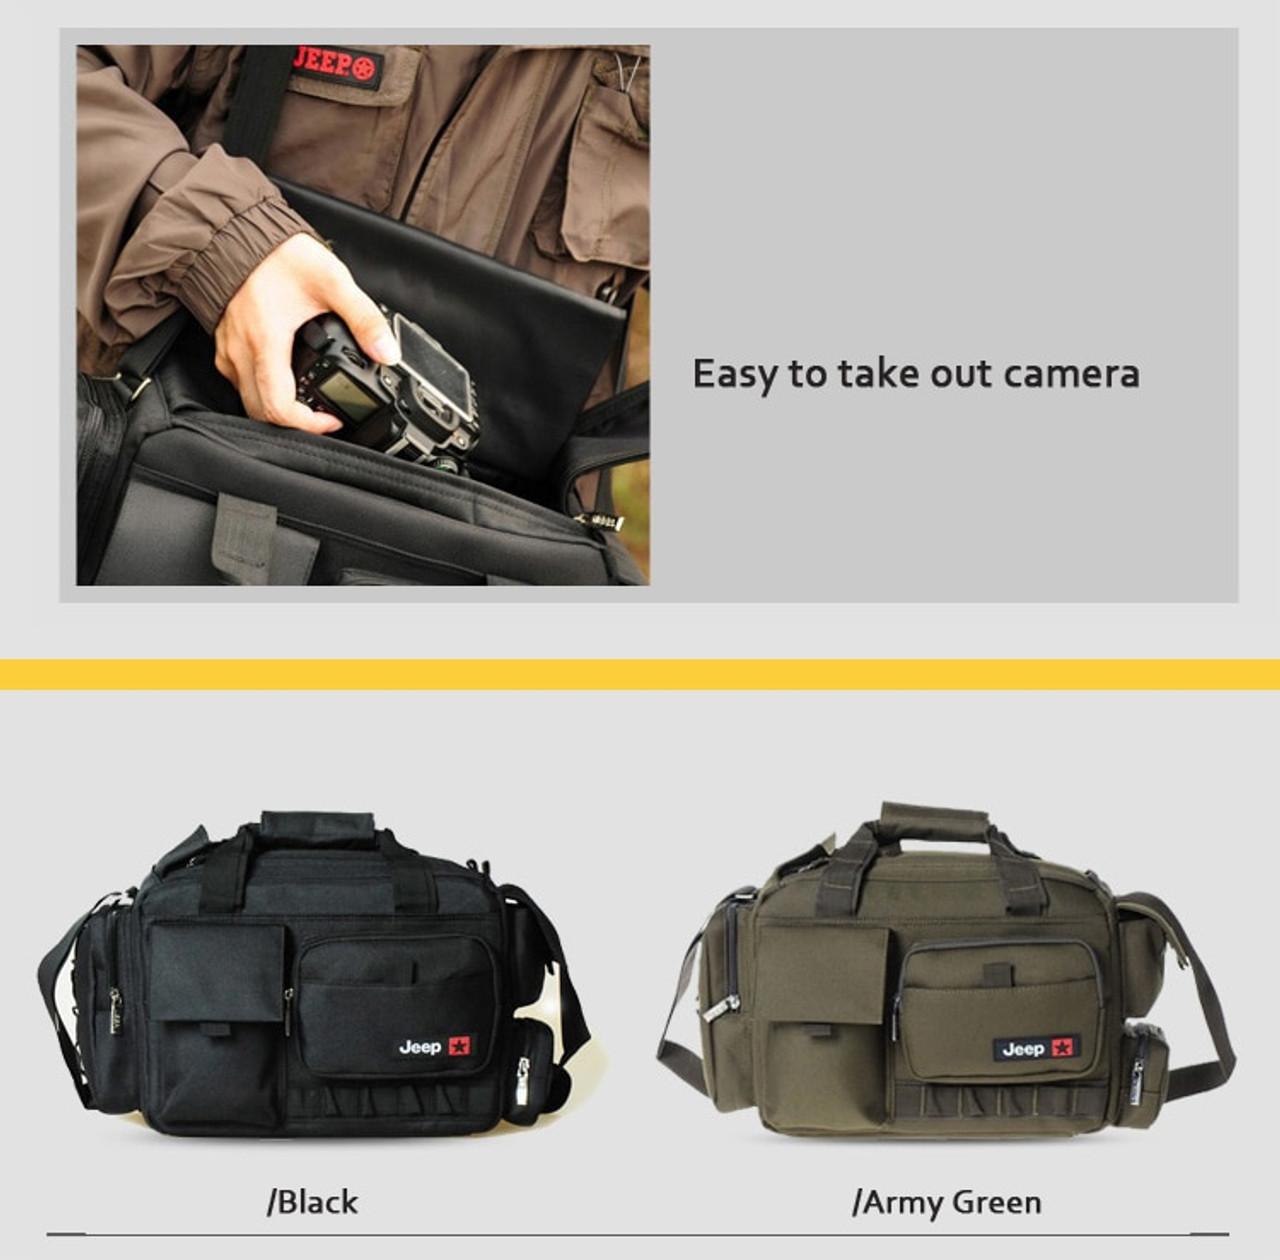 Roadfisher Jeep Large Waterproof Camera Shoulder Carry Travel Case Bag Insert Fit 1 Dslr 4 Lens 1 Flash Canon Nikon Pentax Onshopdeals Com